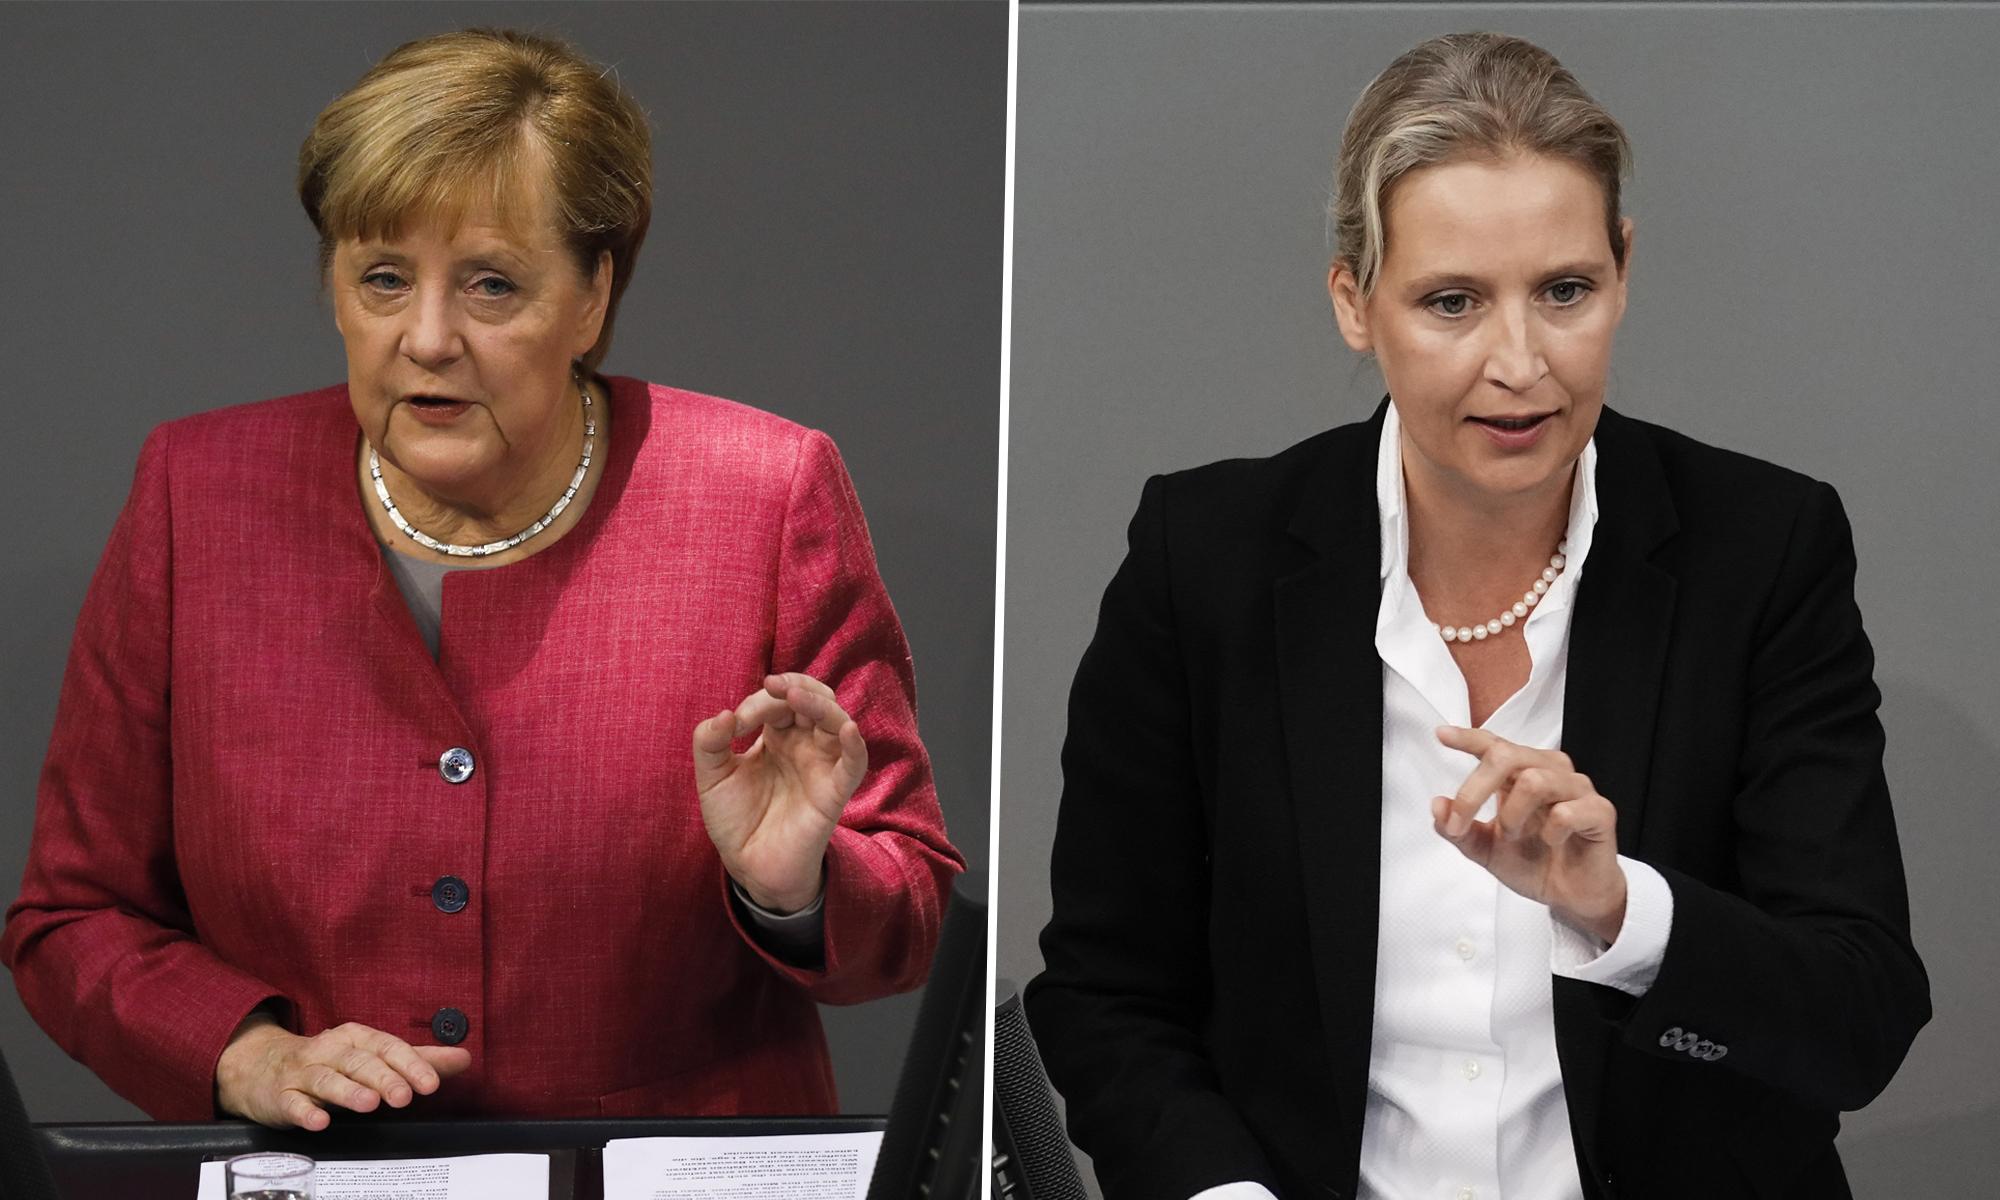 Bundeskanzlerin Angela Merkel (CDU) und AfD-Fraktionschefin Alice Weidel